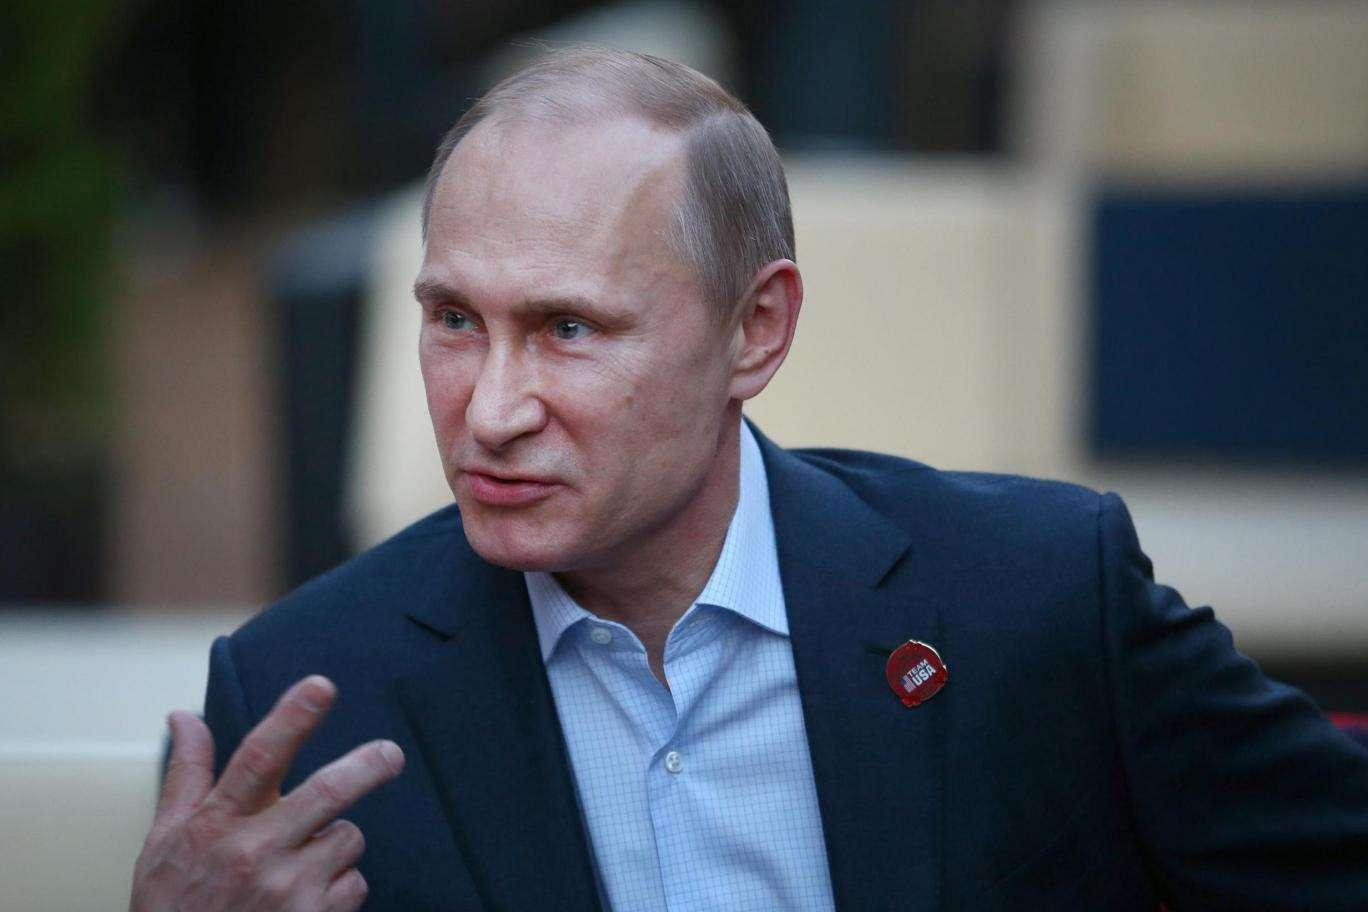 圣彼得堡爆炸案:惹怒战斗民族,普京誓言揪出真凶